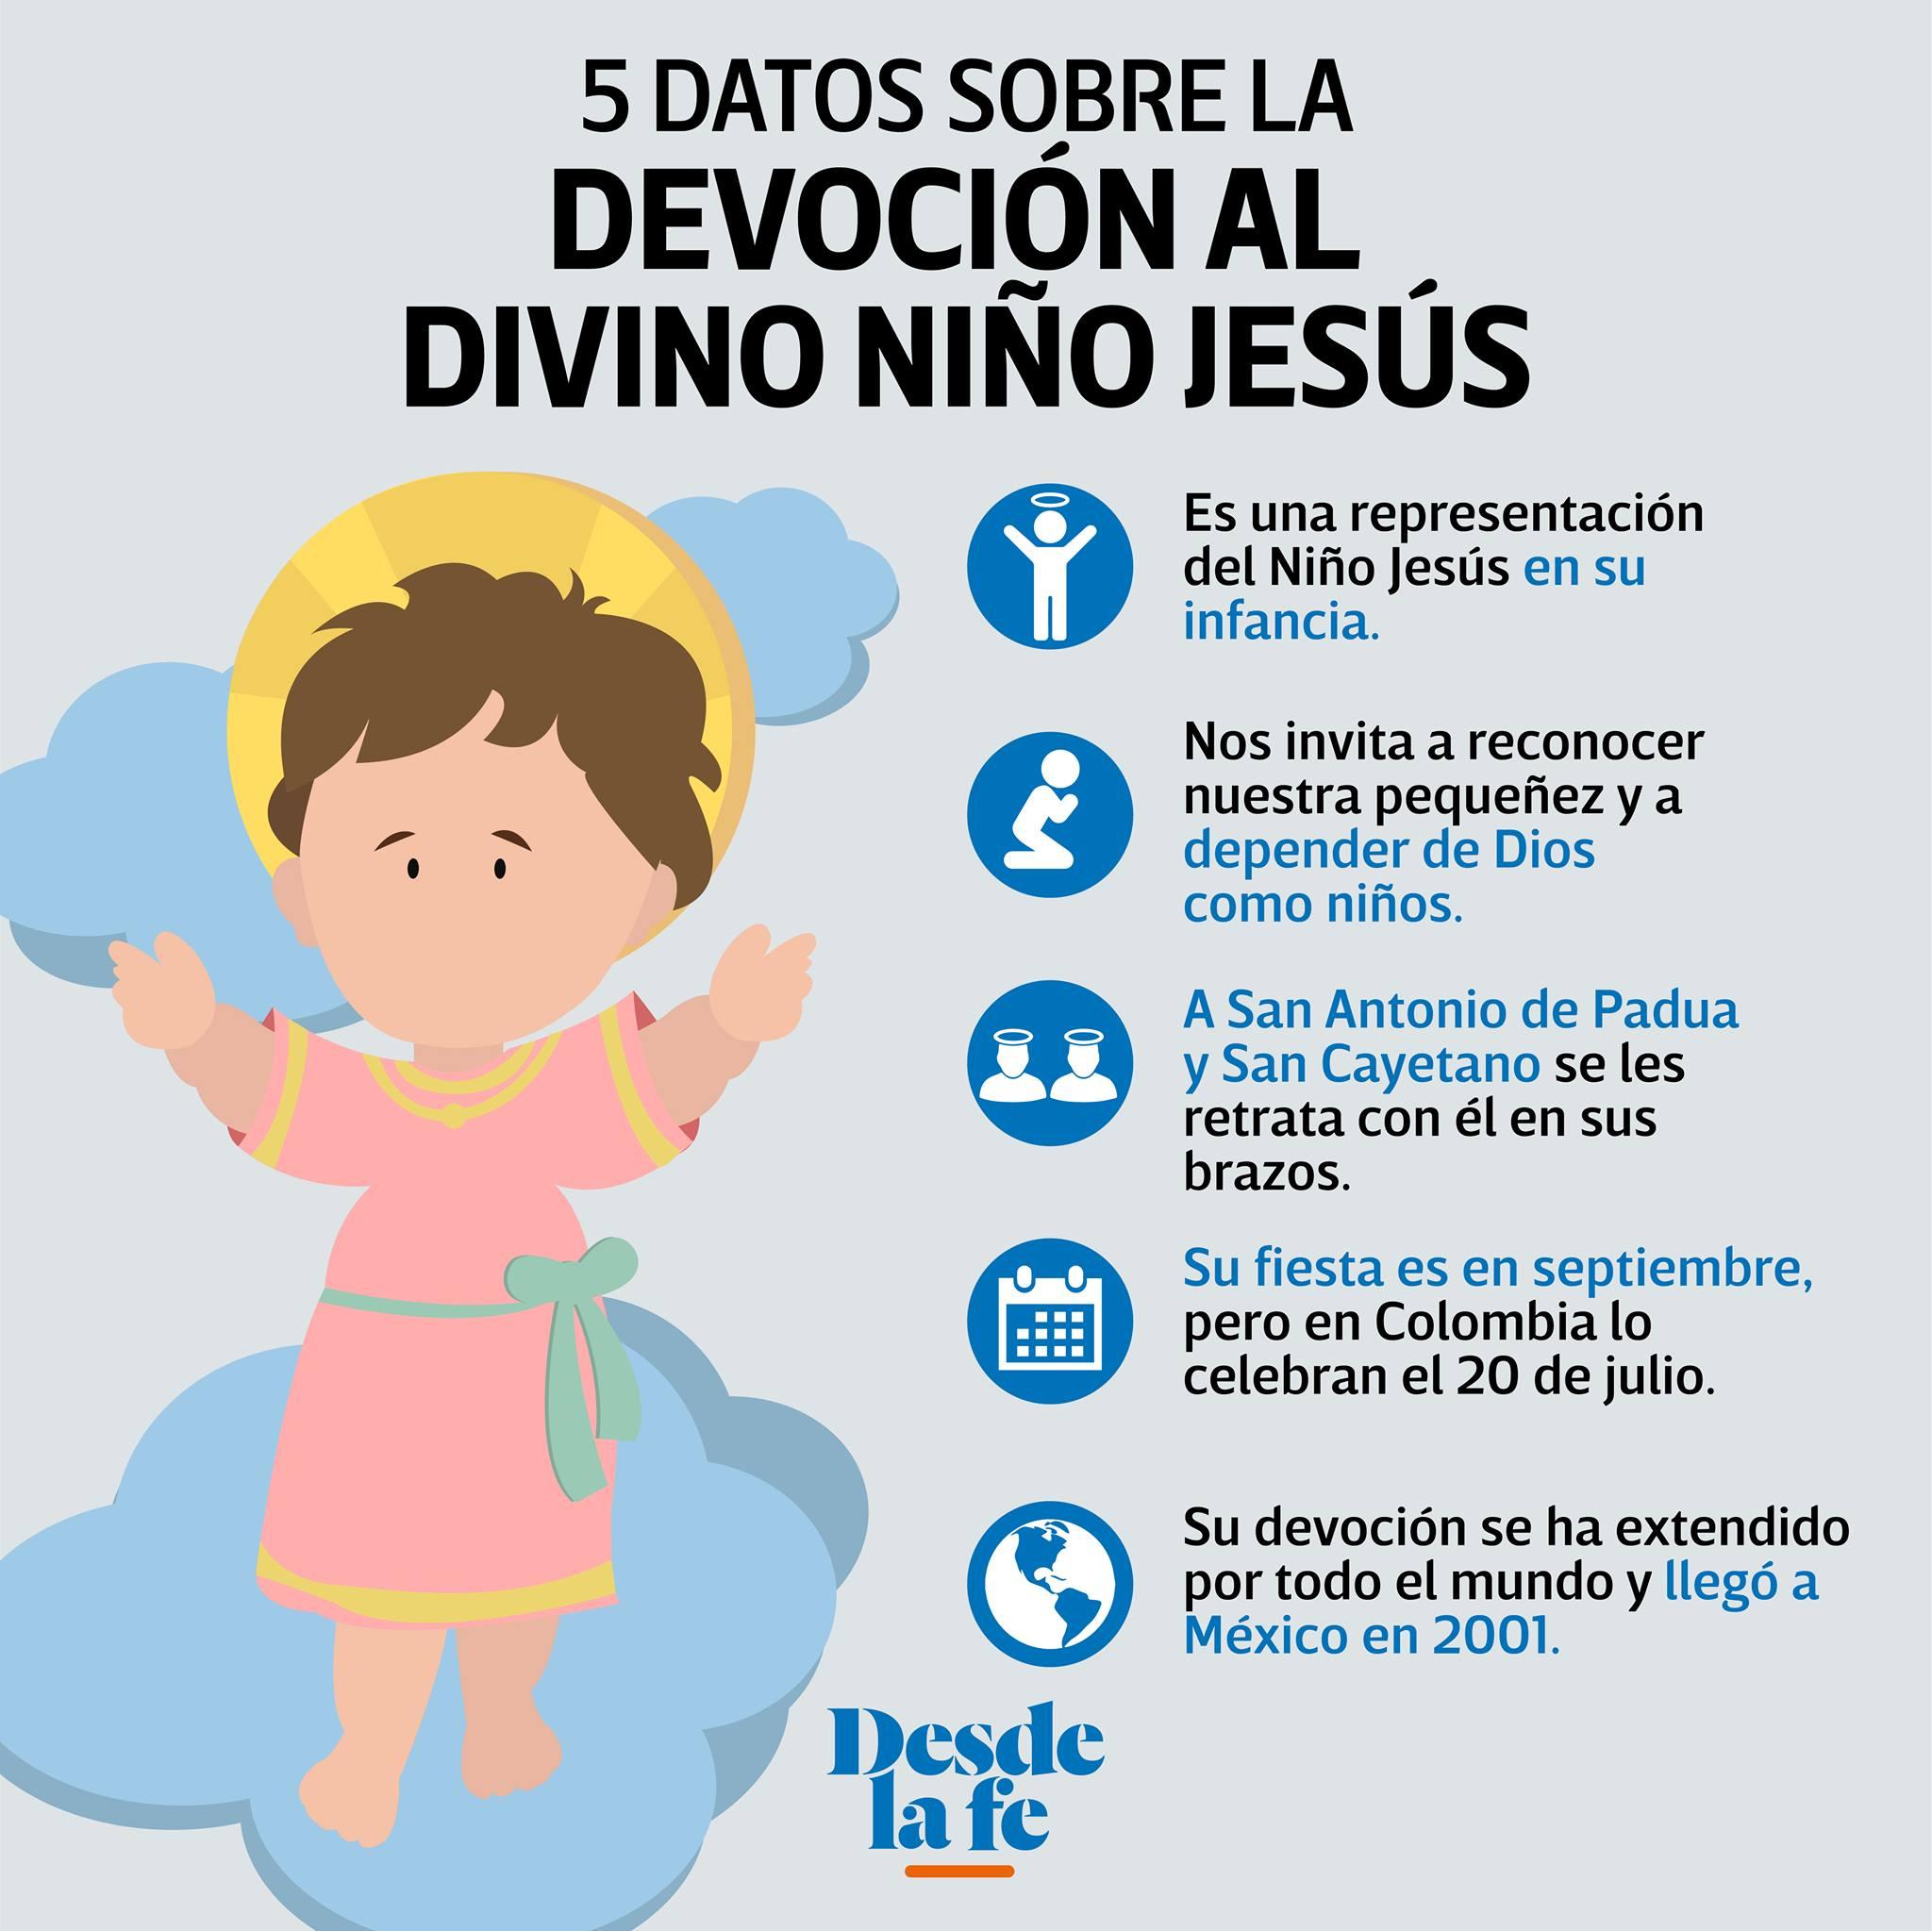 5 datos sobre la devoción al Divino Niño Jesús.